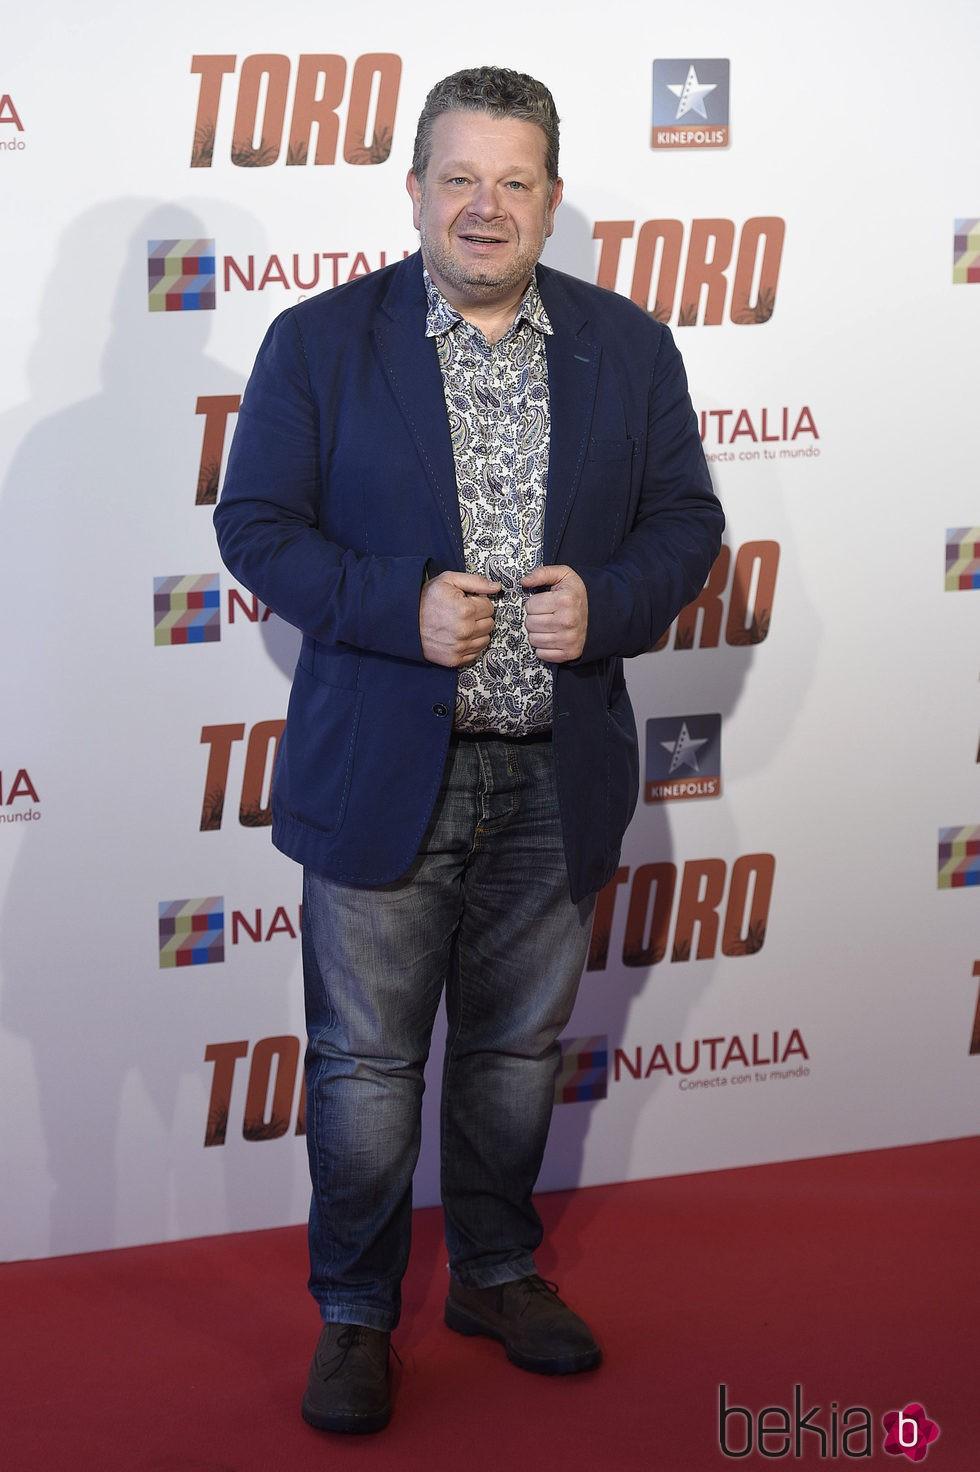 Alberto Chicote en la premiere de 'Toro' en Madrid